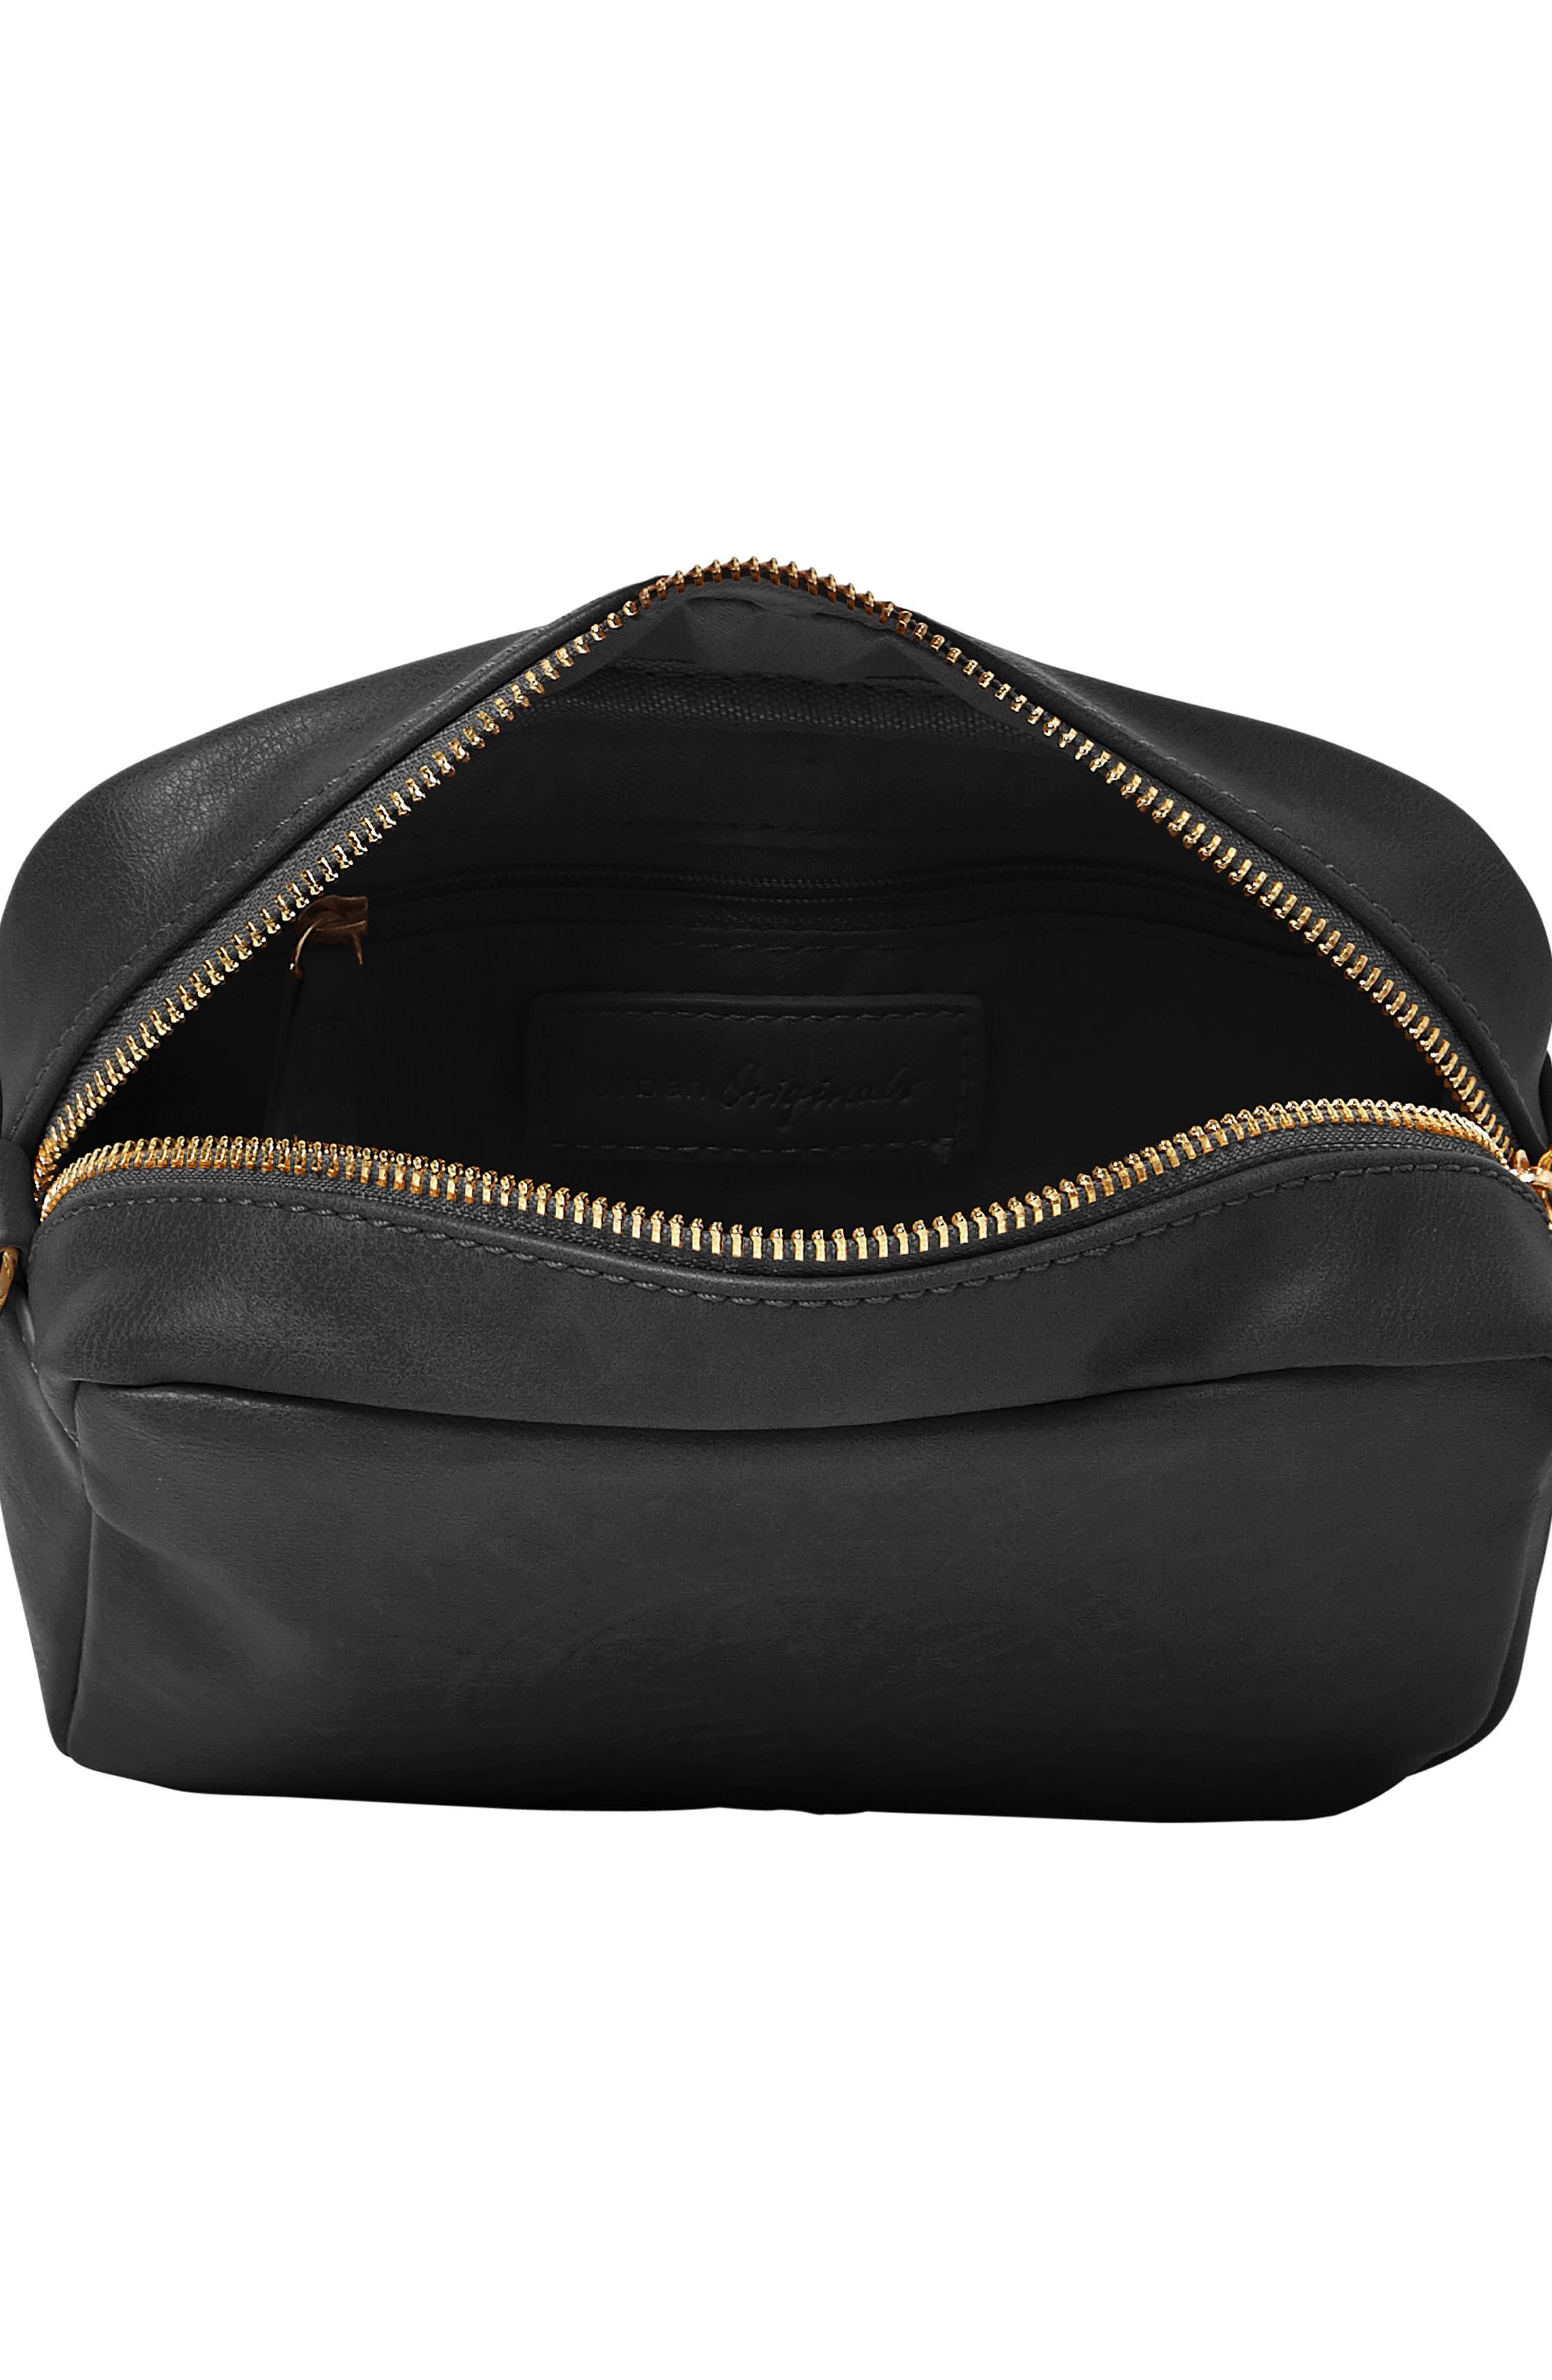 Wild Rose Embossed Vegan Leather Shoulder Bag,                             Alternate thumbnail 3, color,                             Black